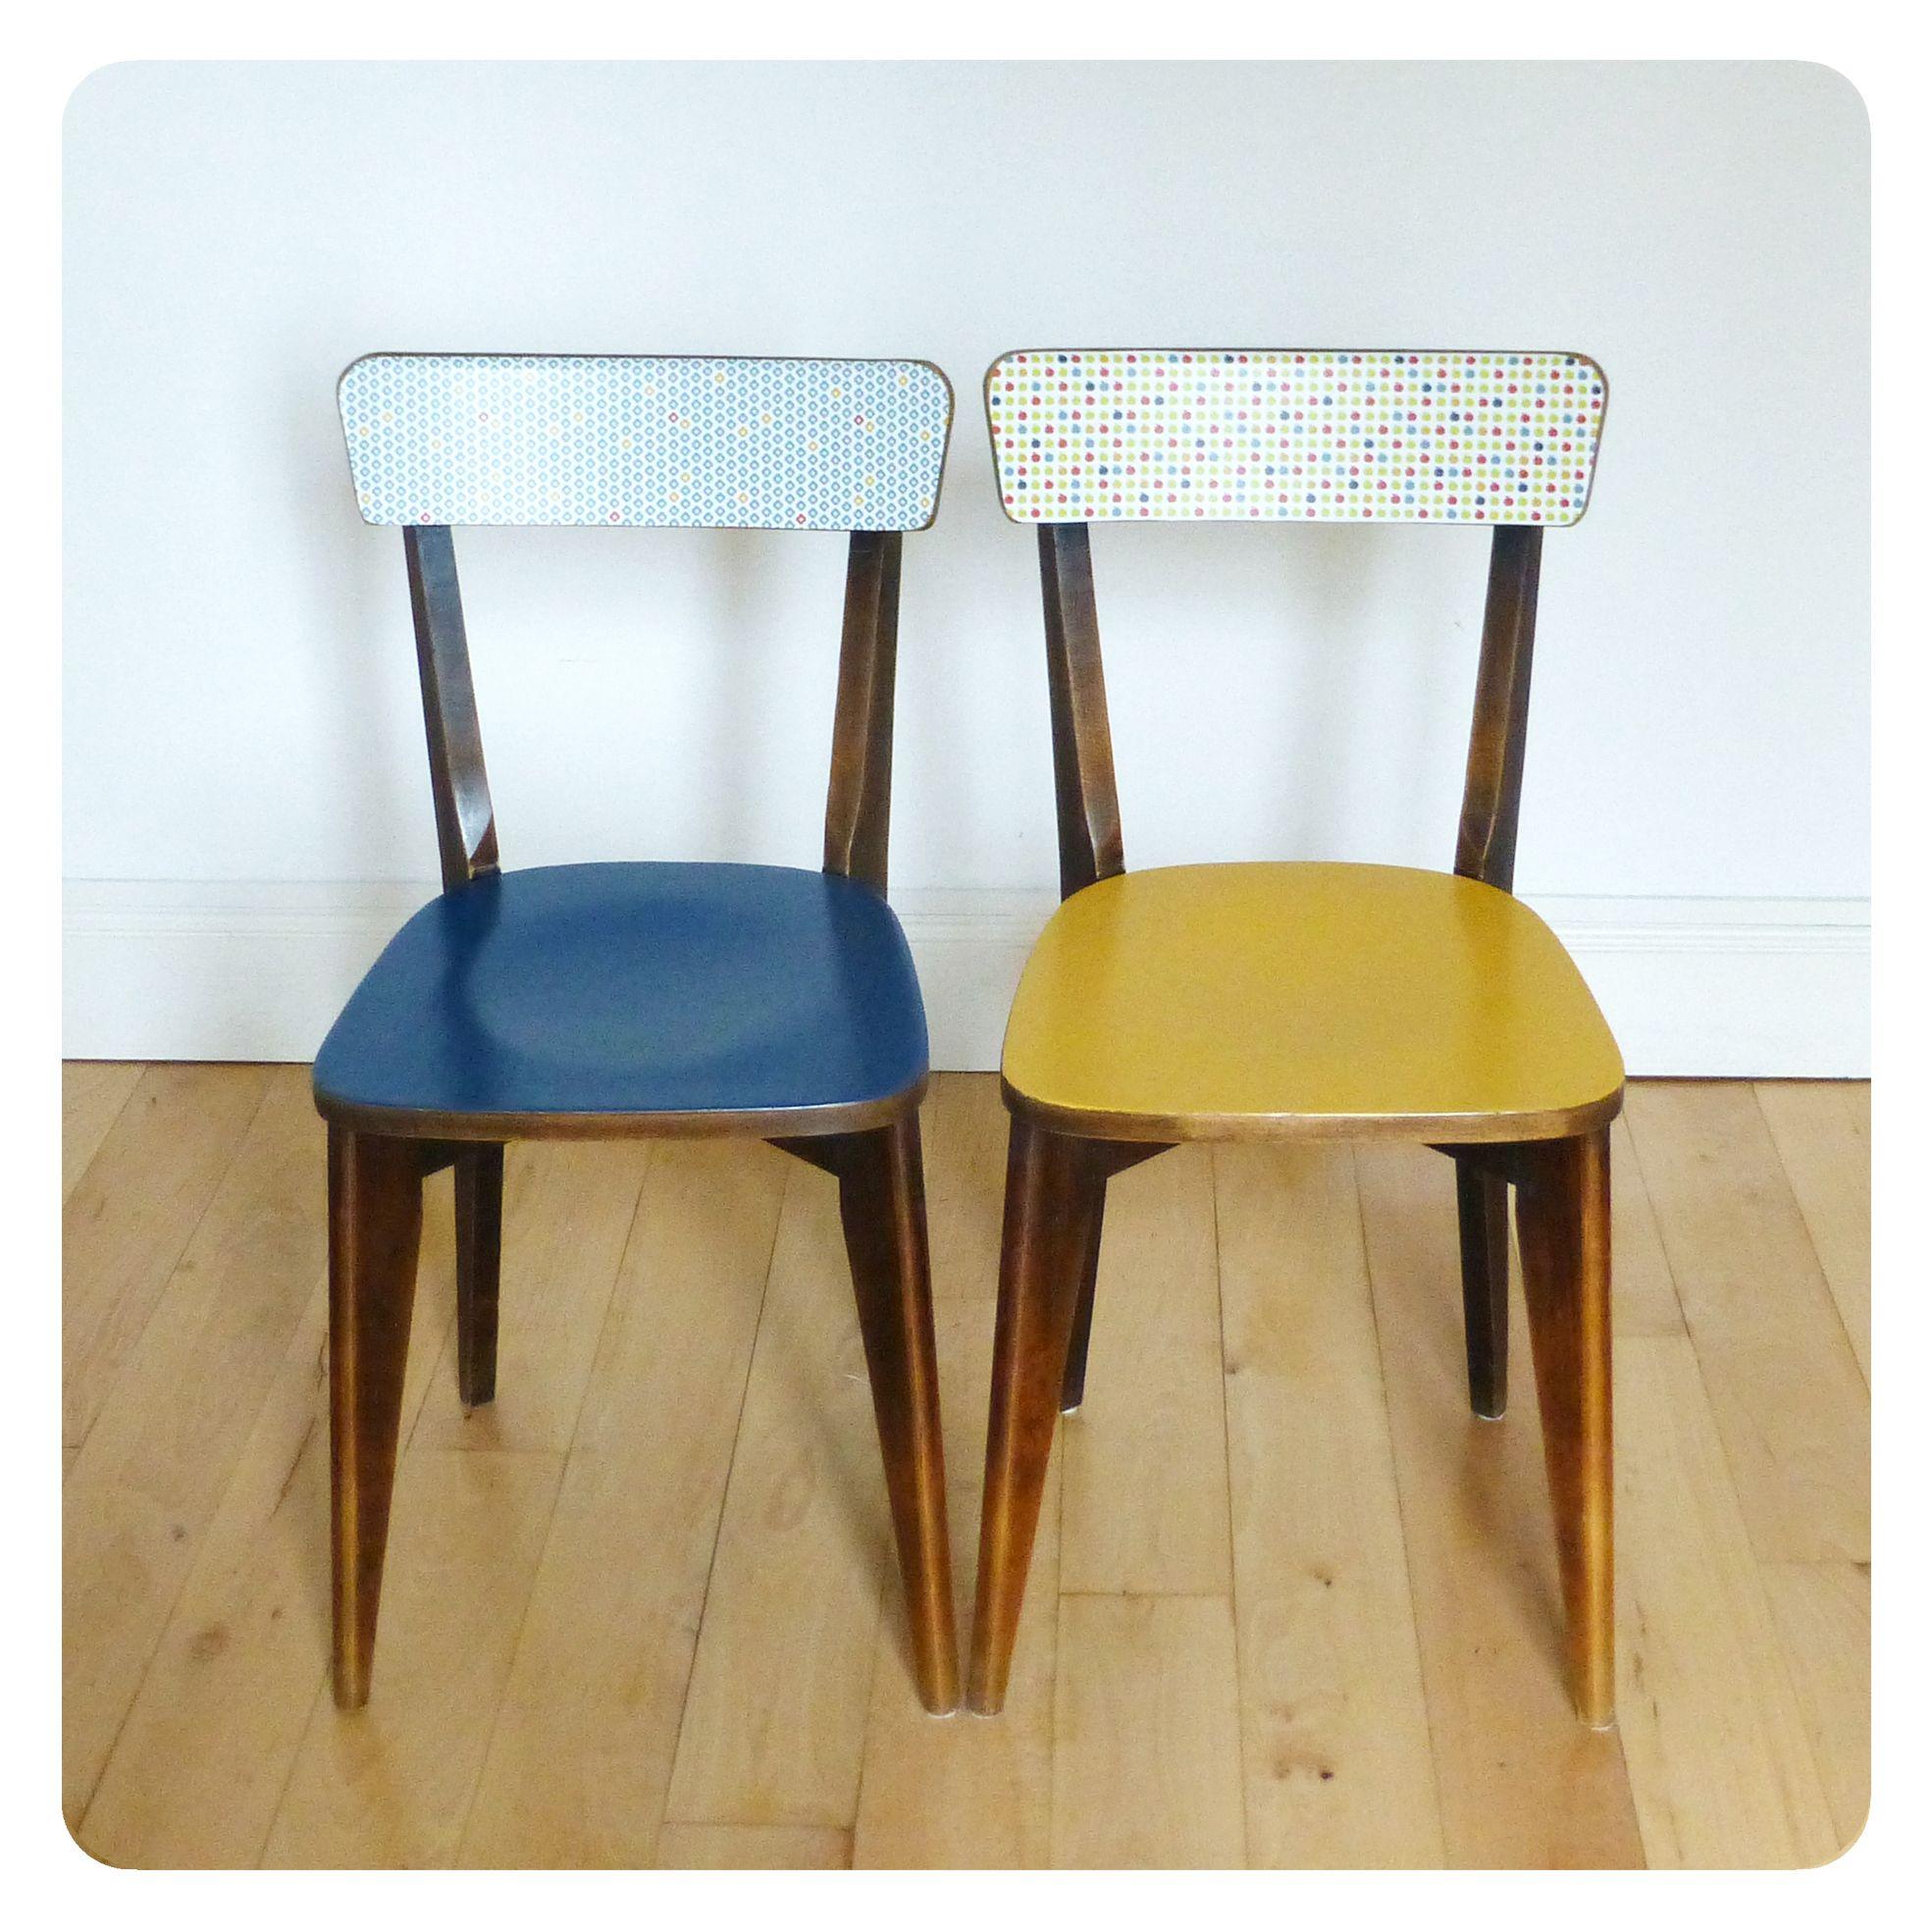 Paire de chaises bistrot vintage retro ann es 50 - Table et chaises bistrot ...